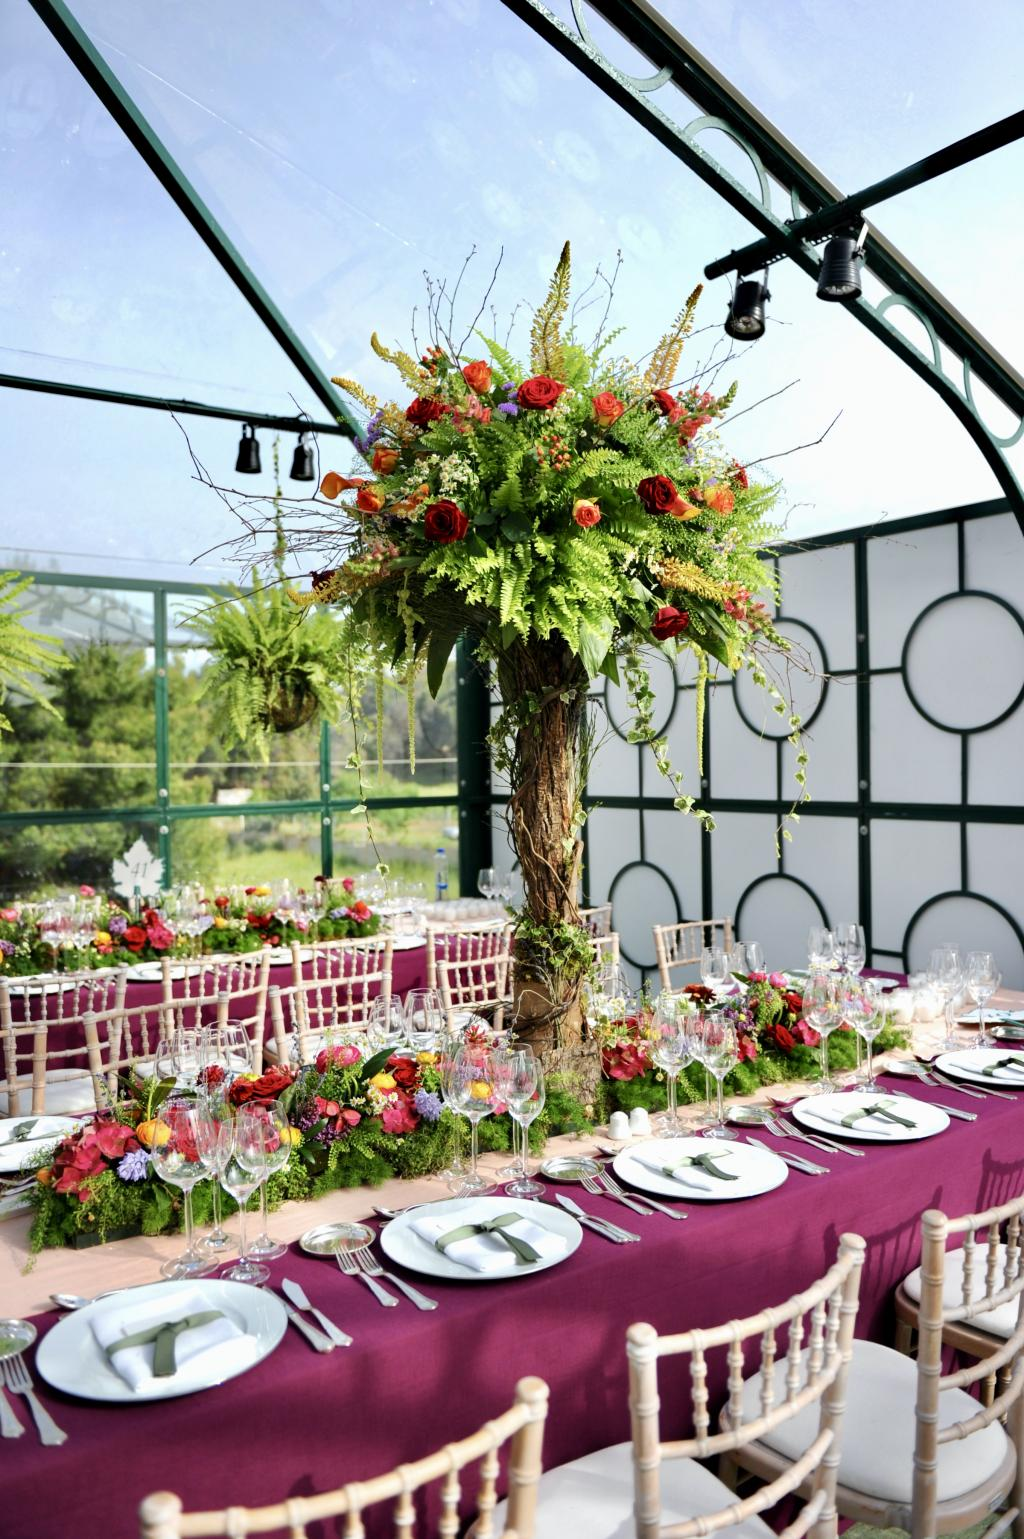 G&I Athens wedding - Image 7